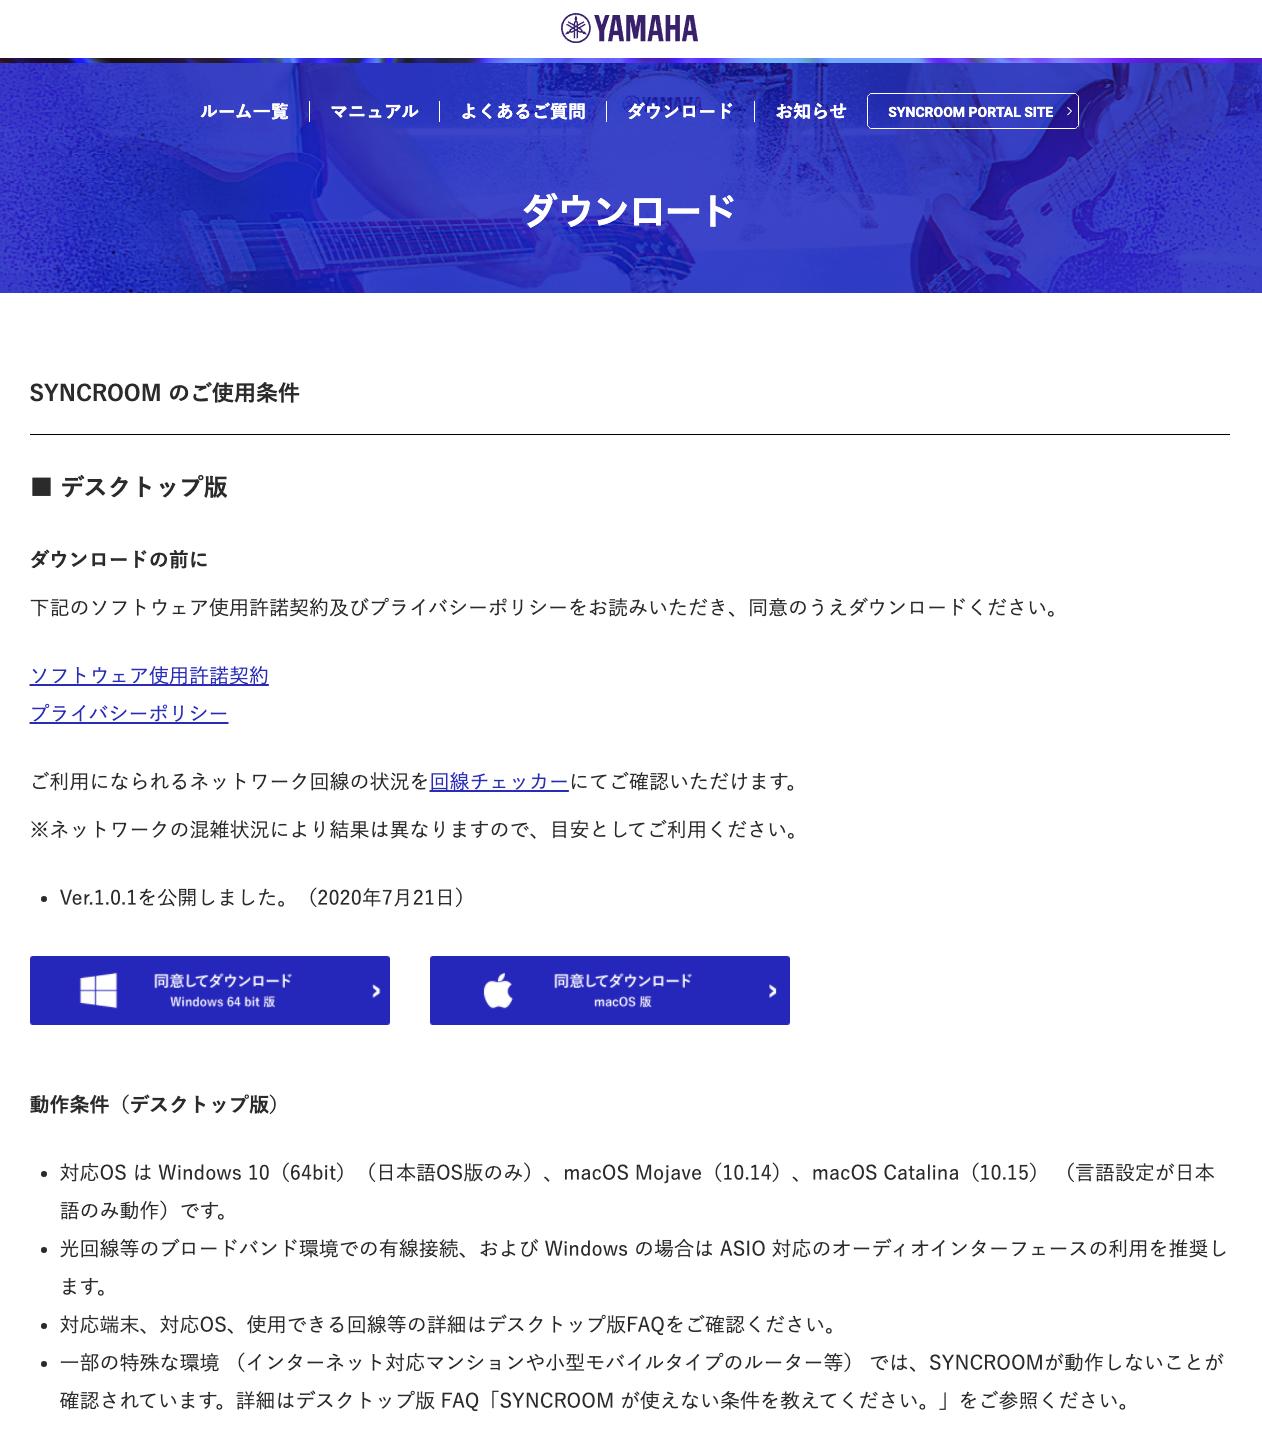 SYNCROOM ダウンロード